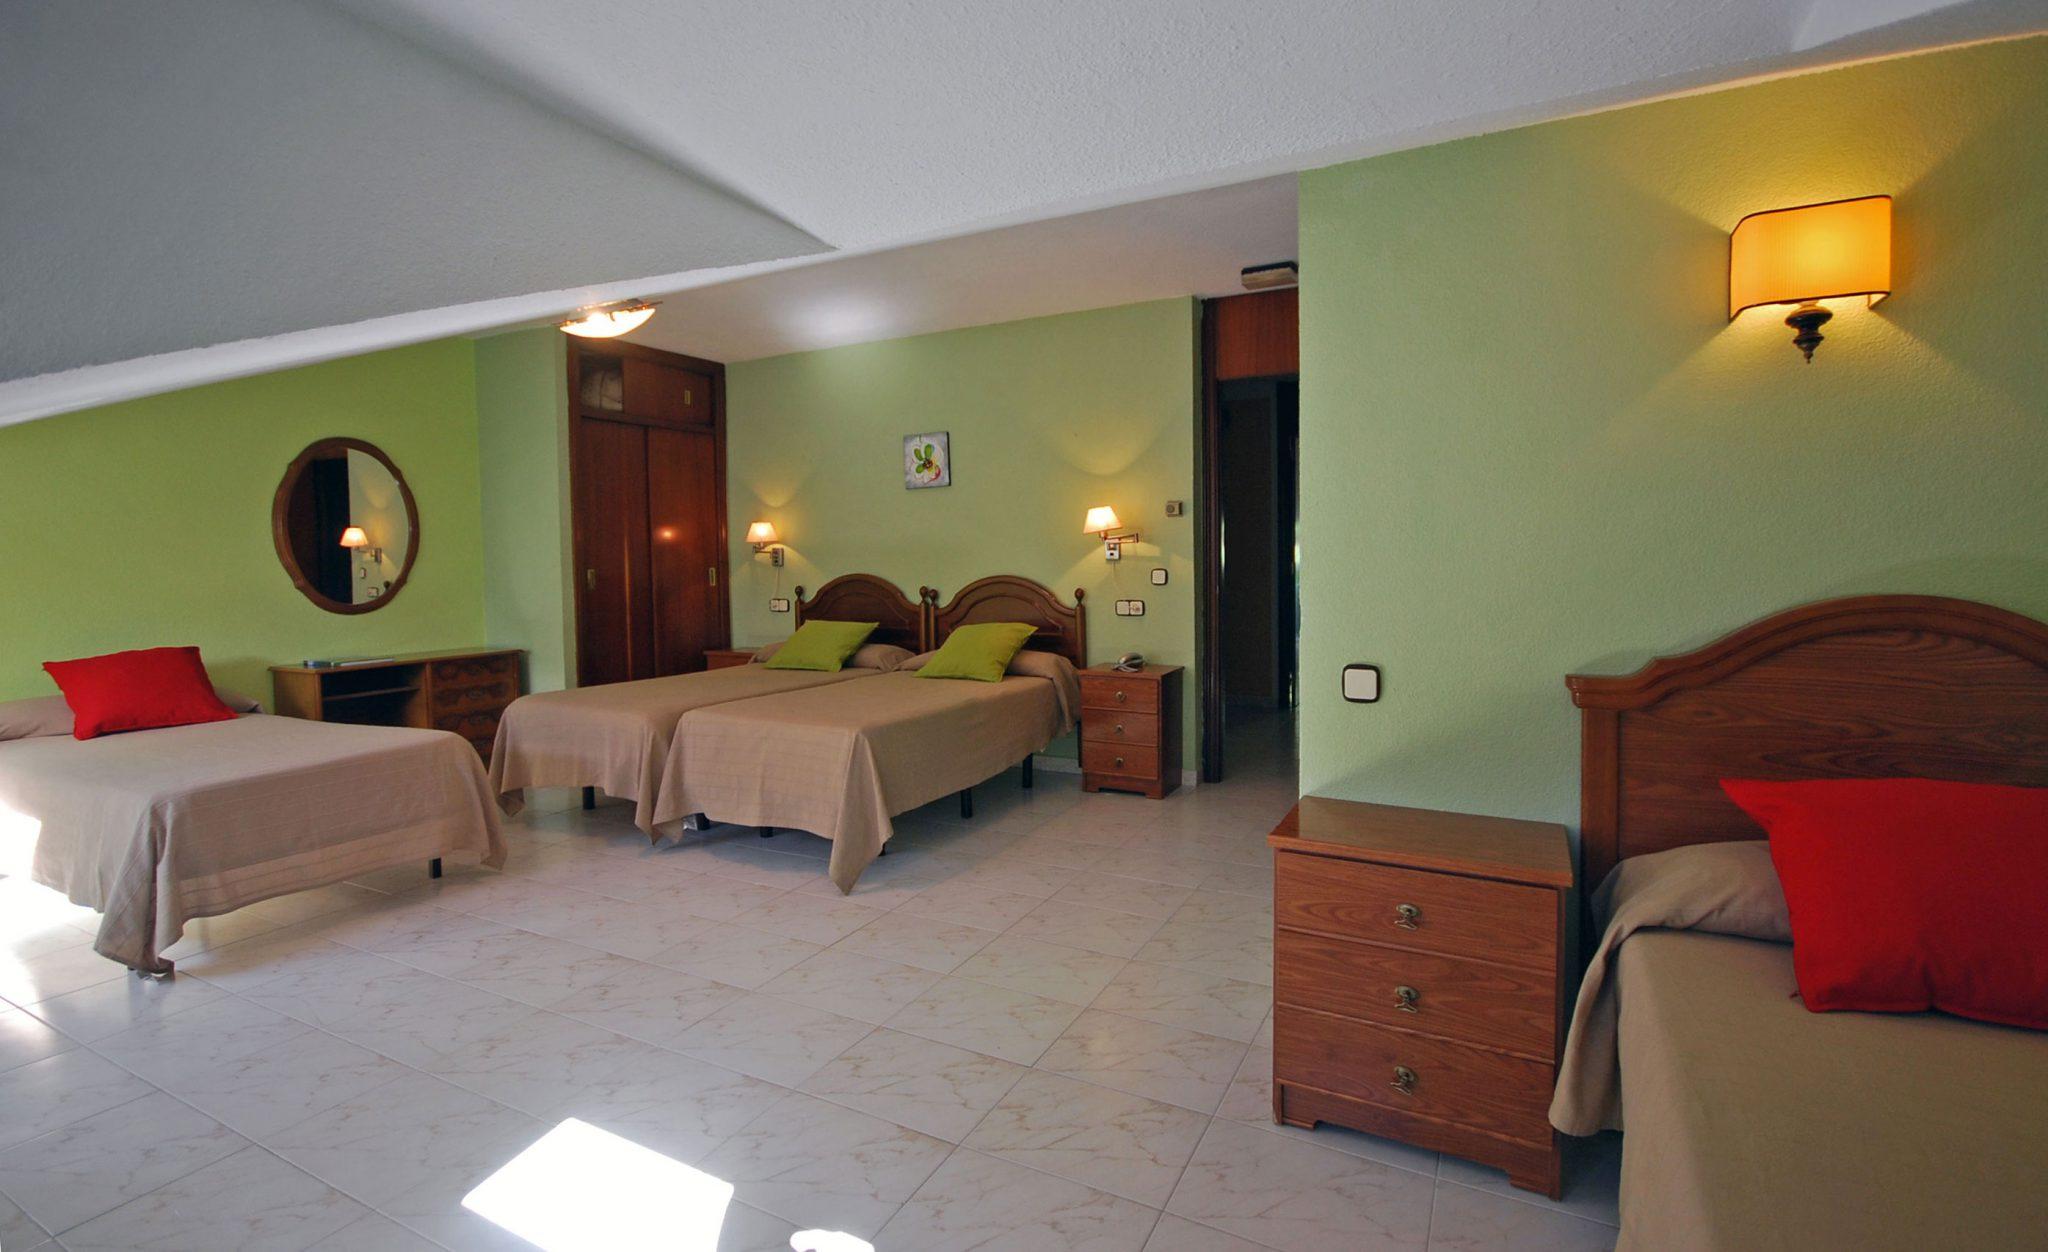 Habitaci n cu druple hotel principado de europa for Habitacion cuadruple